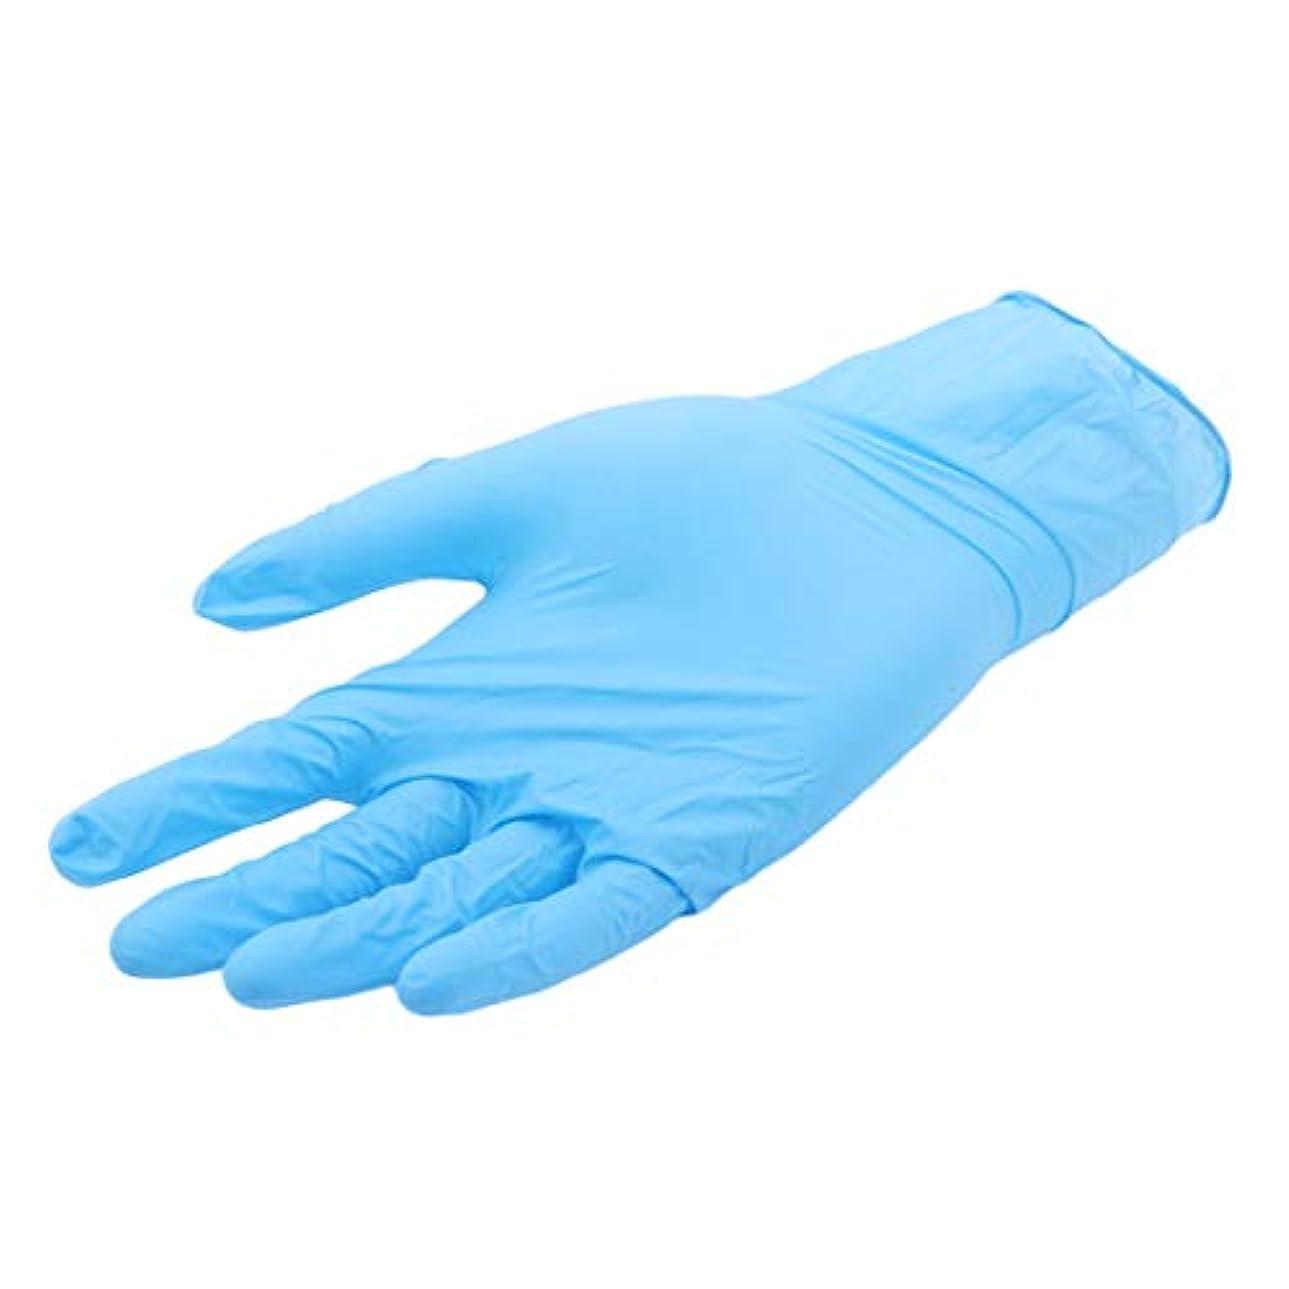 入力概念テキストKLUMA ニトリル手袋 使い捨て手袋 100枚入 粉なし 薄い手袋 防水 耐油性 手荒いを防ぎ 園芸 素手感覚